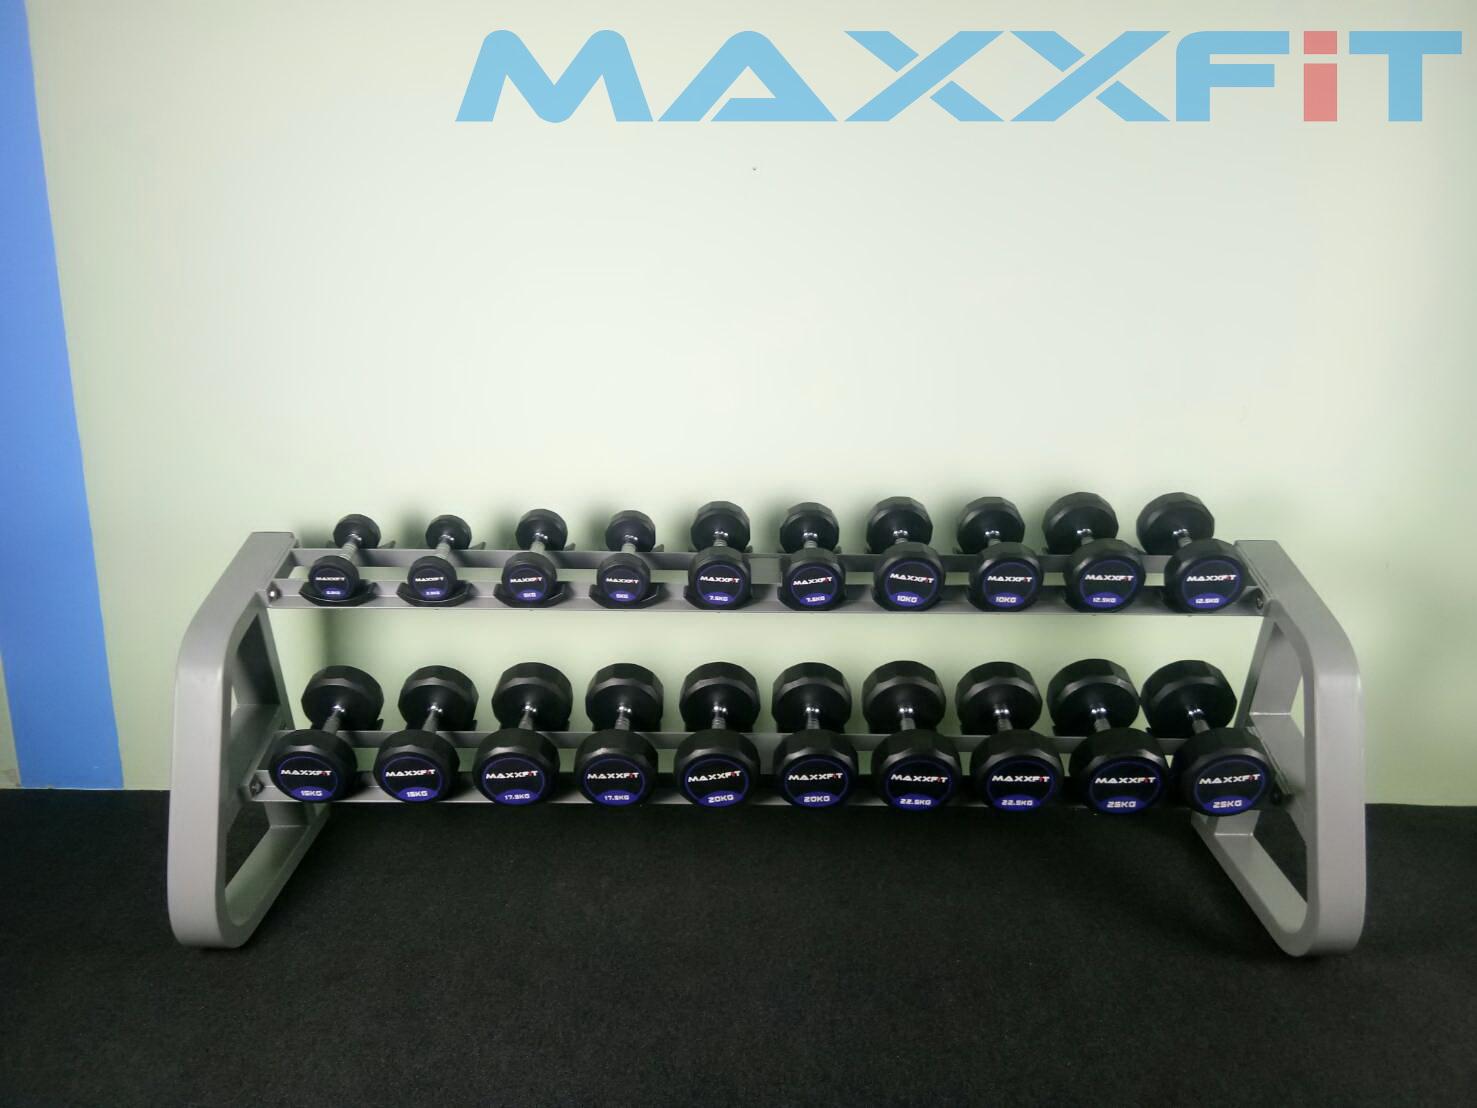 ชุดดัมเบล MAXXFiT ทรง 12 เหลี่ยม ขนาด 2.5 - 25 KG. (10 คู่) พร้อมชั้นวาง 2 ชั้น 10 คู่ สีเทา